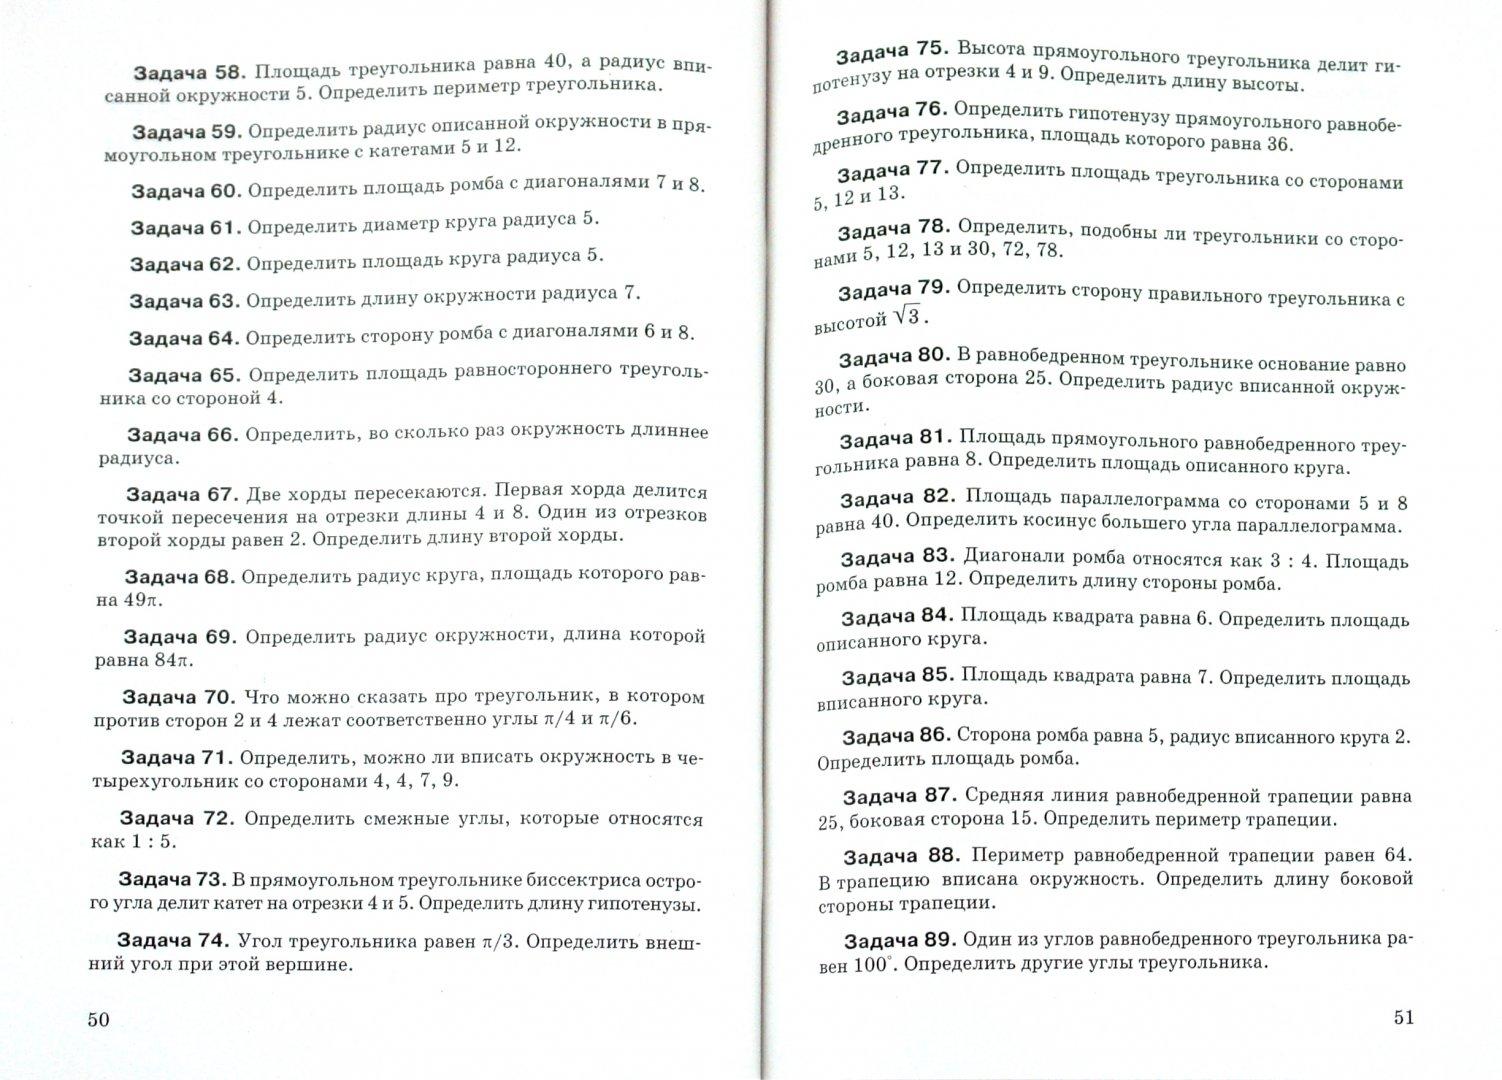 Иллюстрация 1 из 3 для Геометрия на плоскости. Задачи и решения - Георгий Просветов | Лабиринт - книги. Источник: Лабиринт